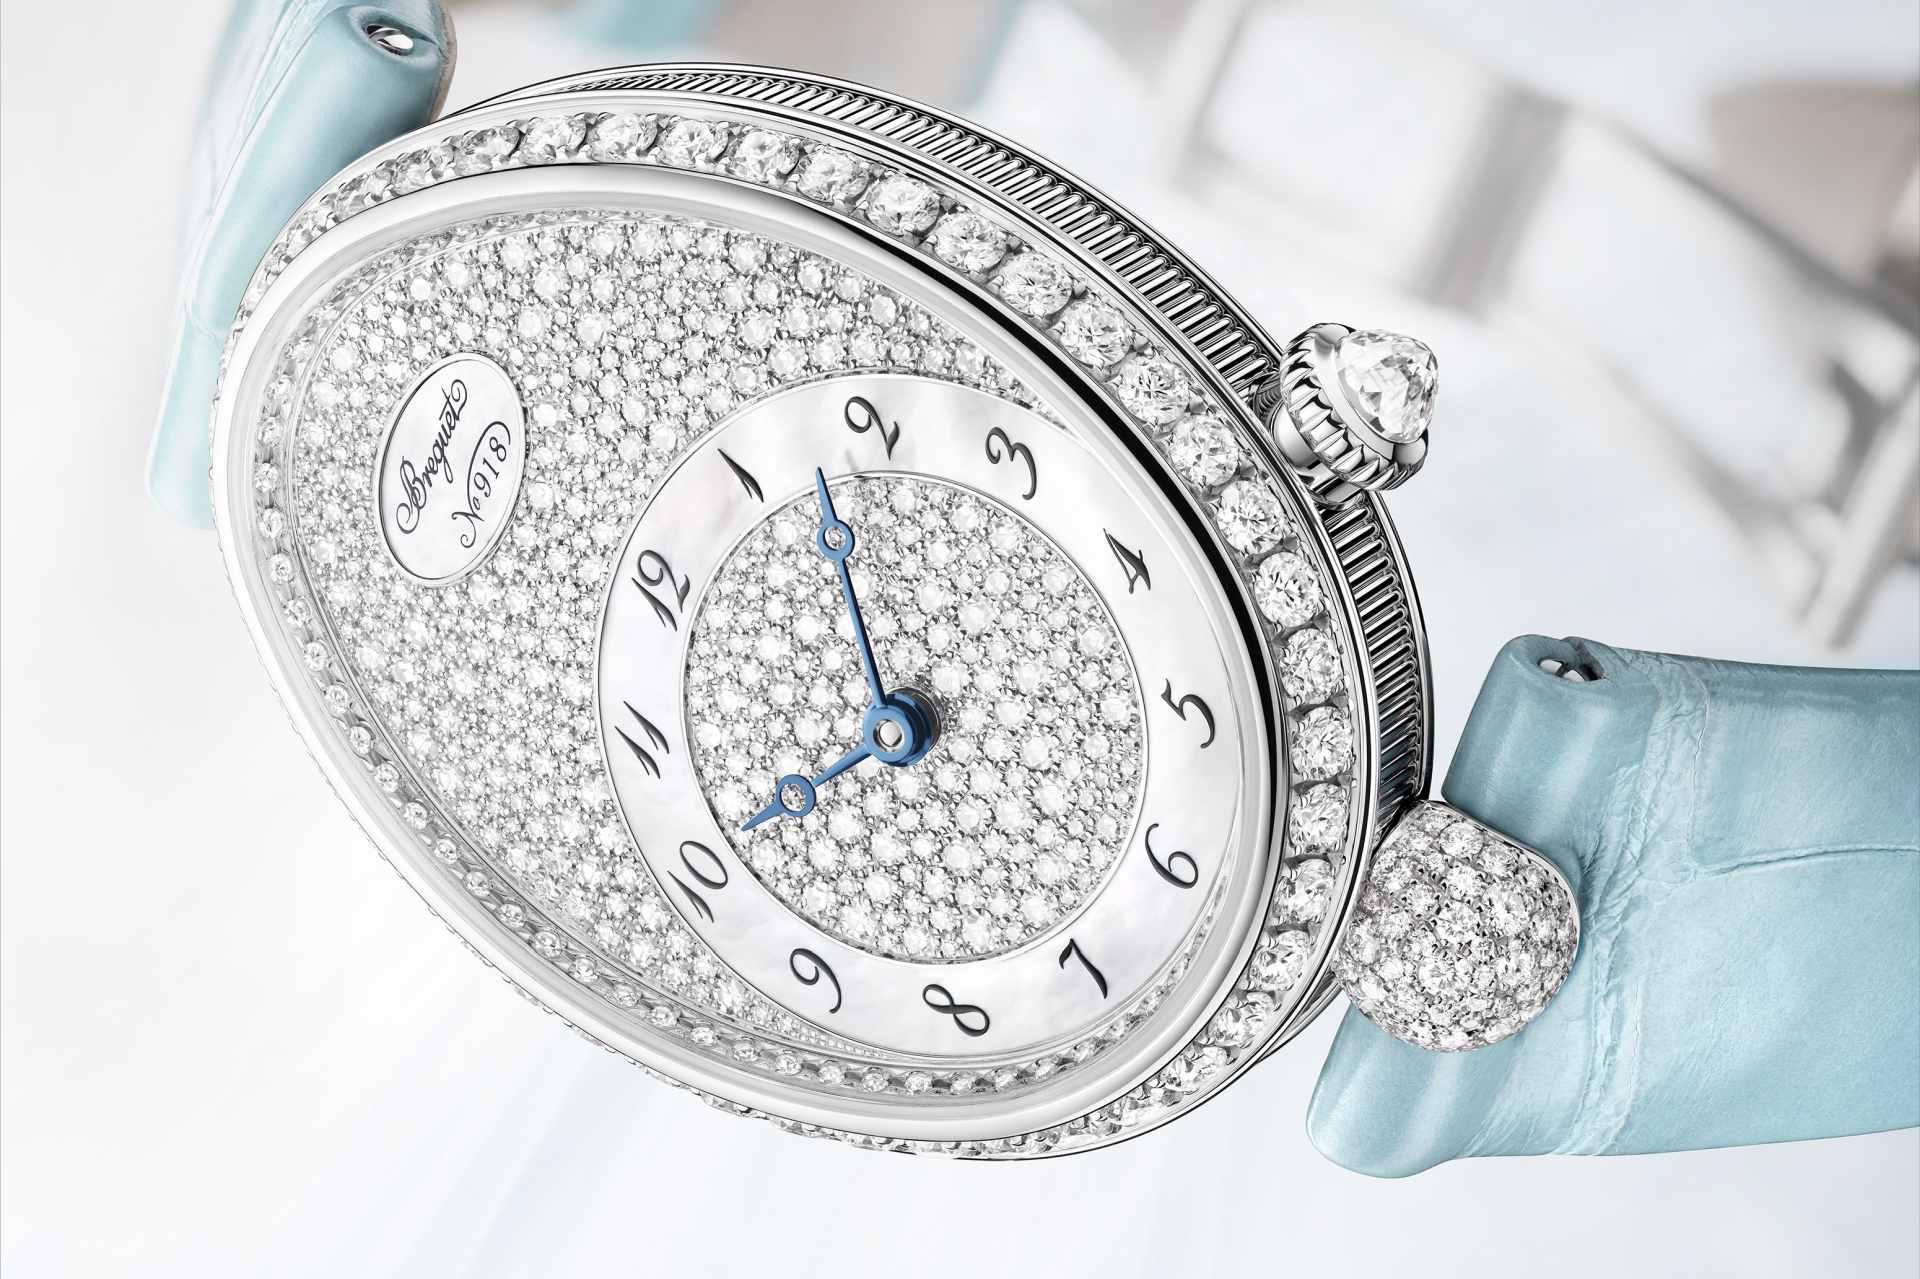 專寵女王的璀璨光彩:寶璣發表全新那不勒斯王后系列Reine de Naples 8938仕女鑽錶